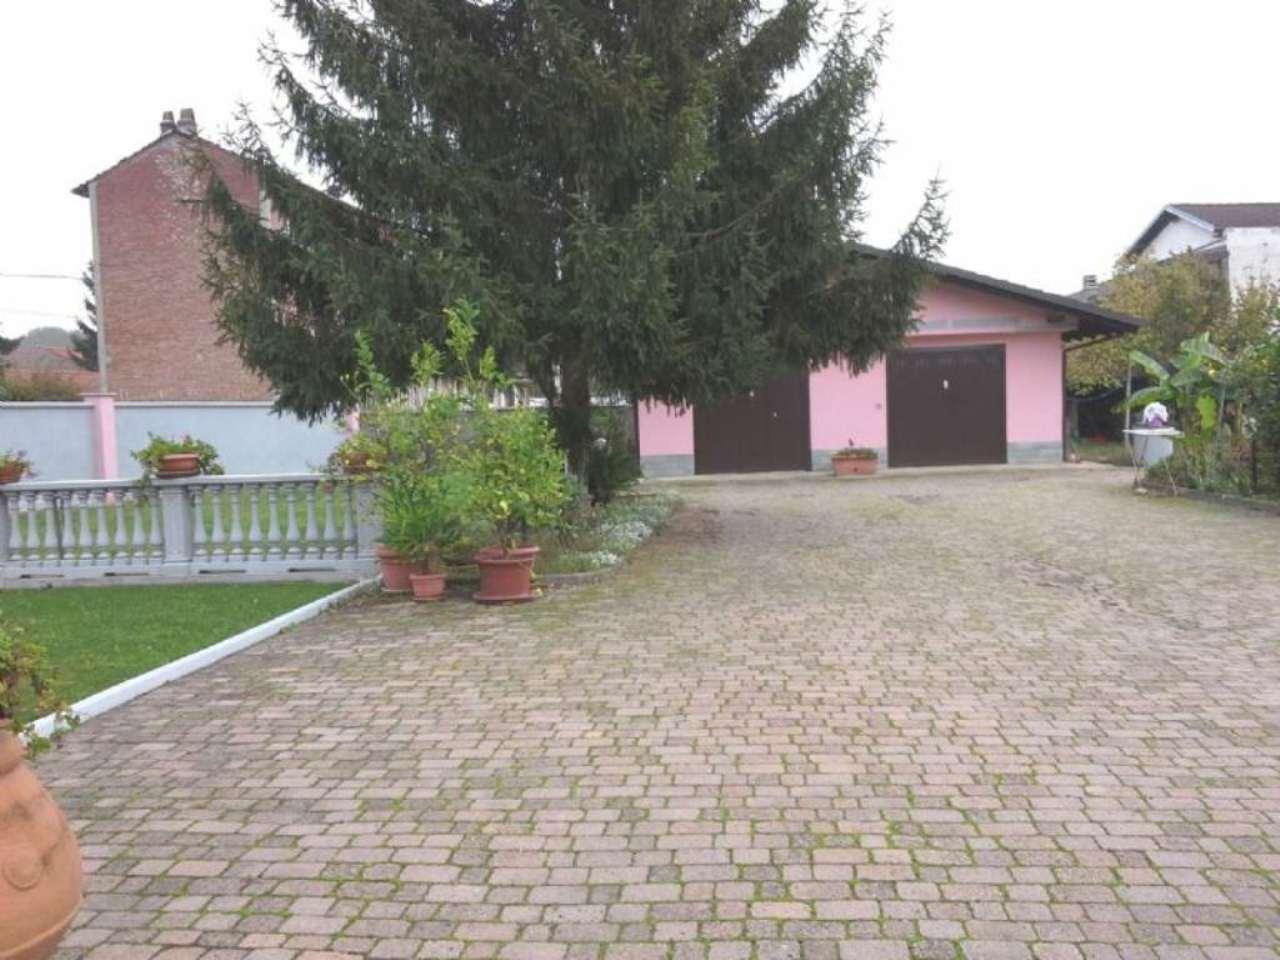 Soluzione Indipendente in vendita a Castelnuovo Bormida, 8 locali, Trattative riservate | Cambio Casa.it